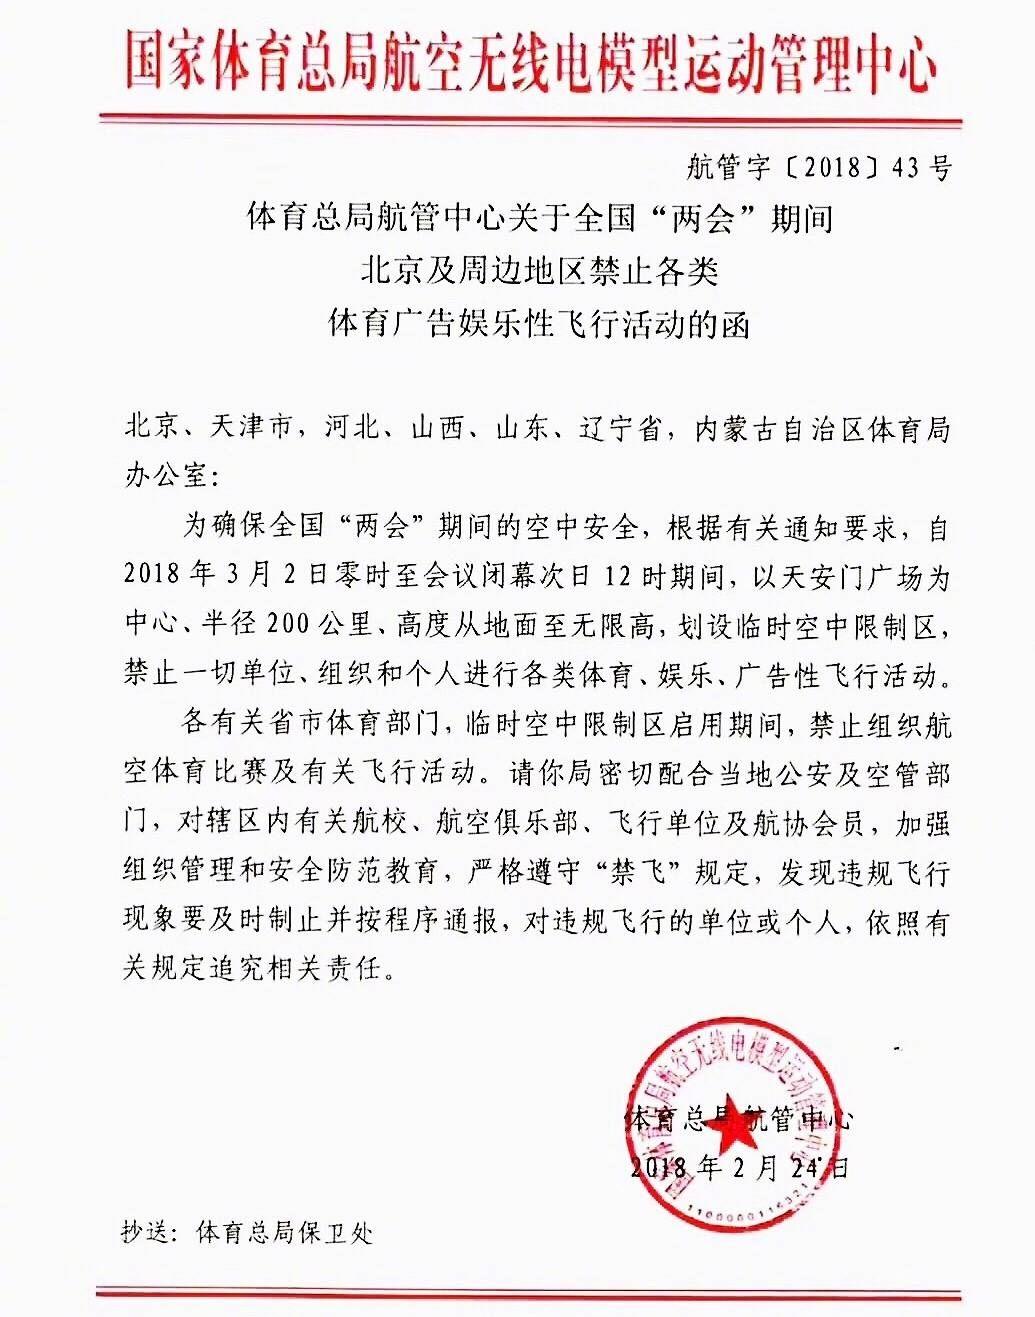 """""""两会""""期间 北京禁止体育广告娱乐性飞行活动"""